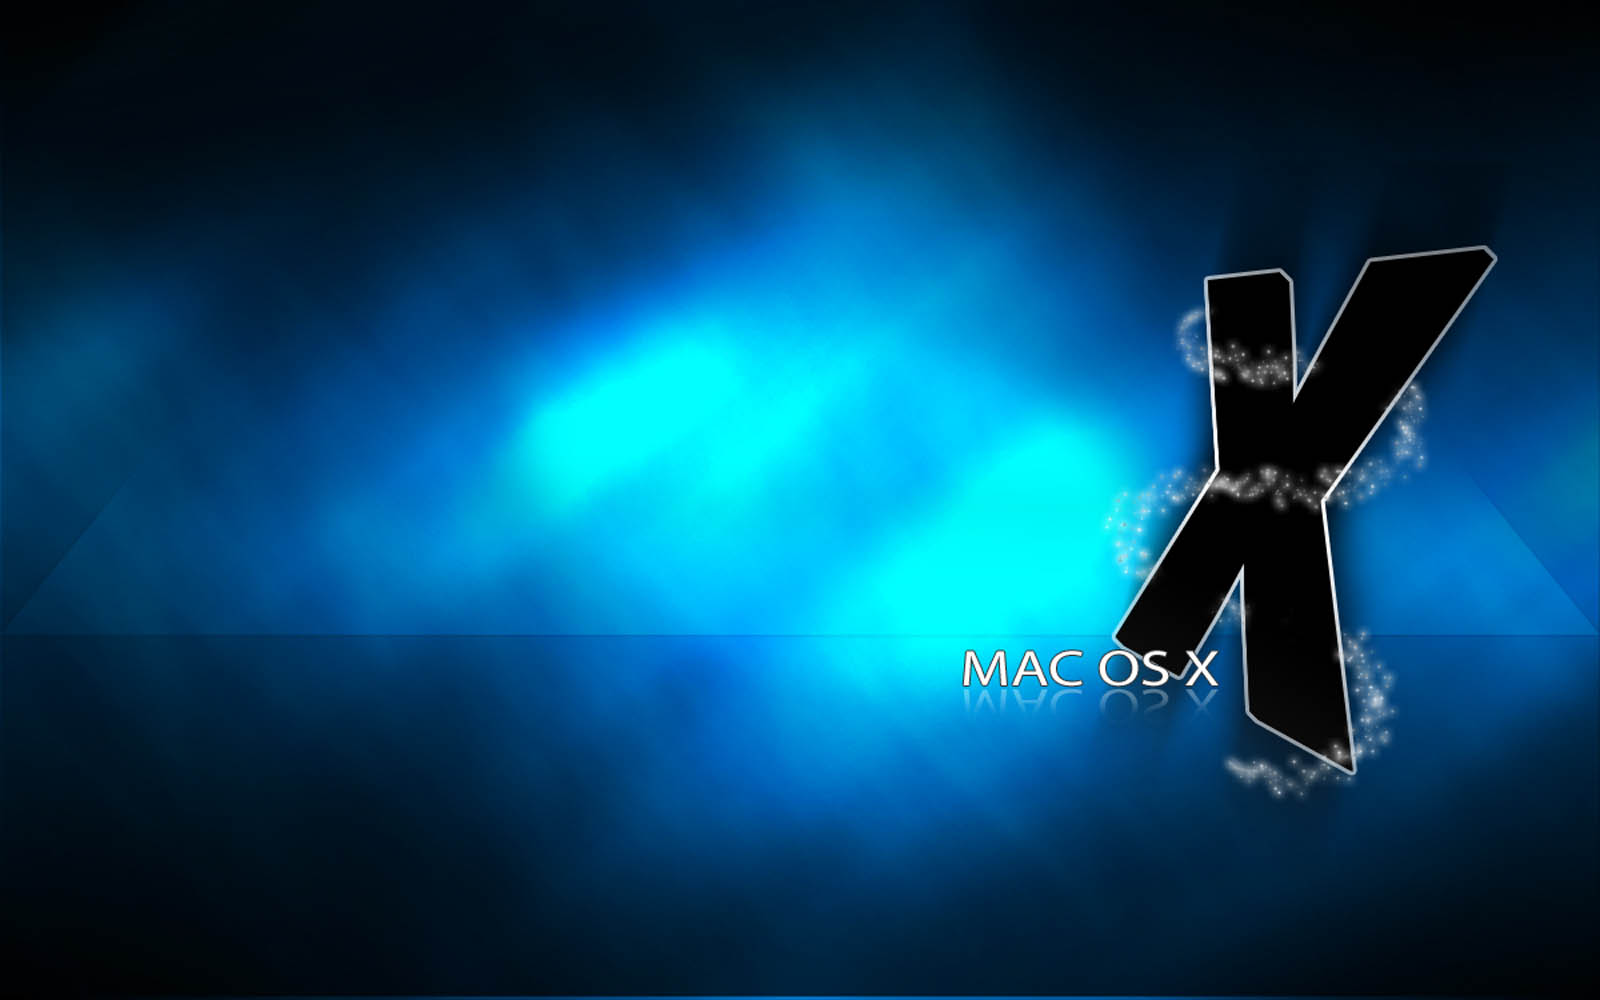 Gallery Mangklex: 1000 BEST Mac OS X Wallpapers